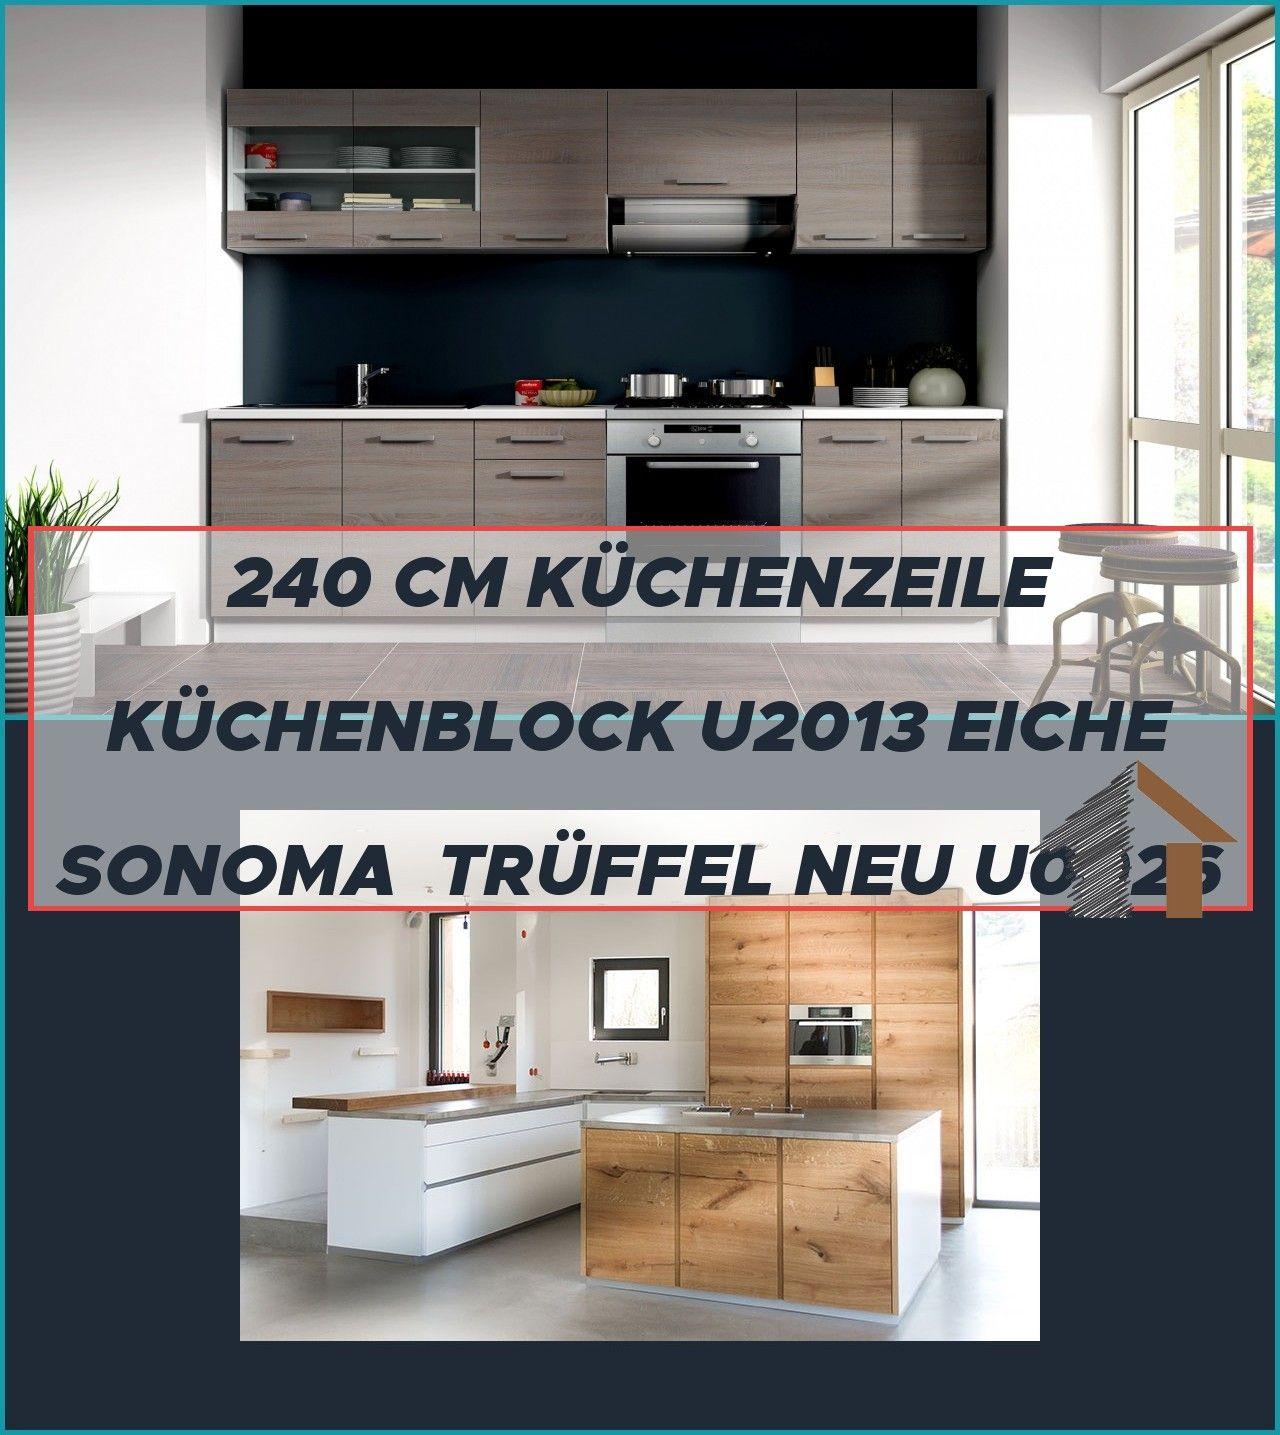 Schreinerei Kaspar Orterer Harmonie In Holz Unsere In 2020 Schmidt Kuchen Kuche Block Marquardt Kuchen